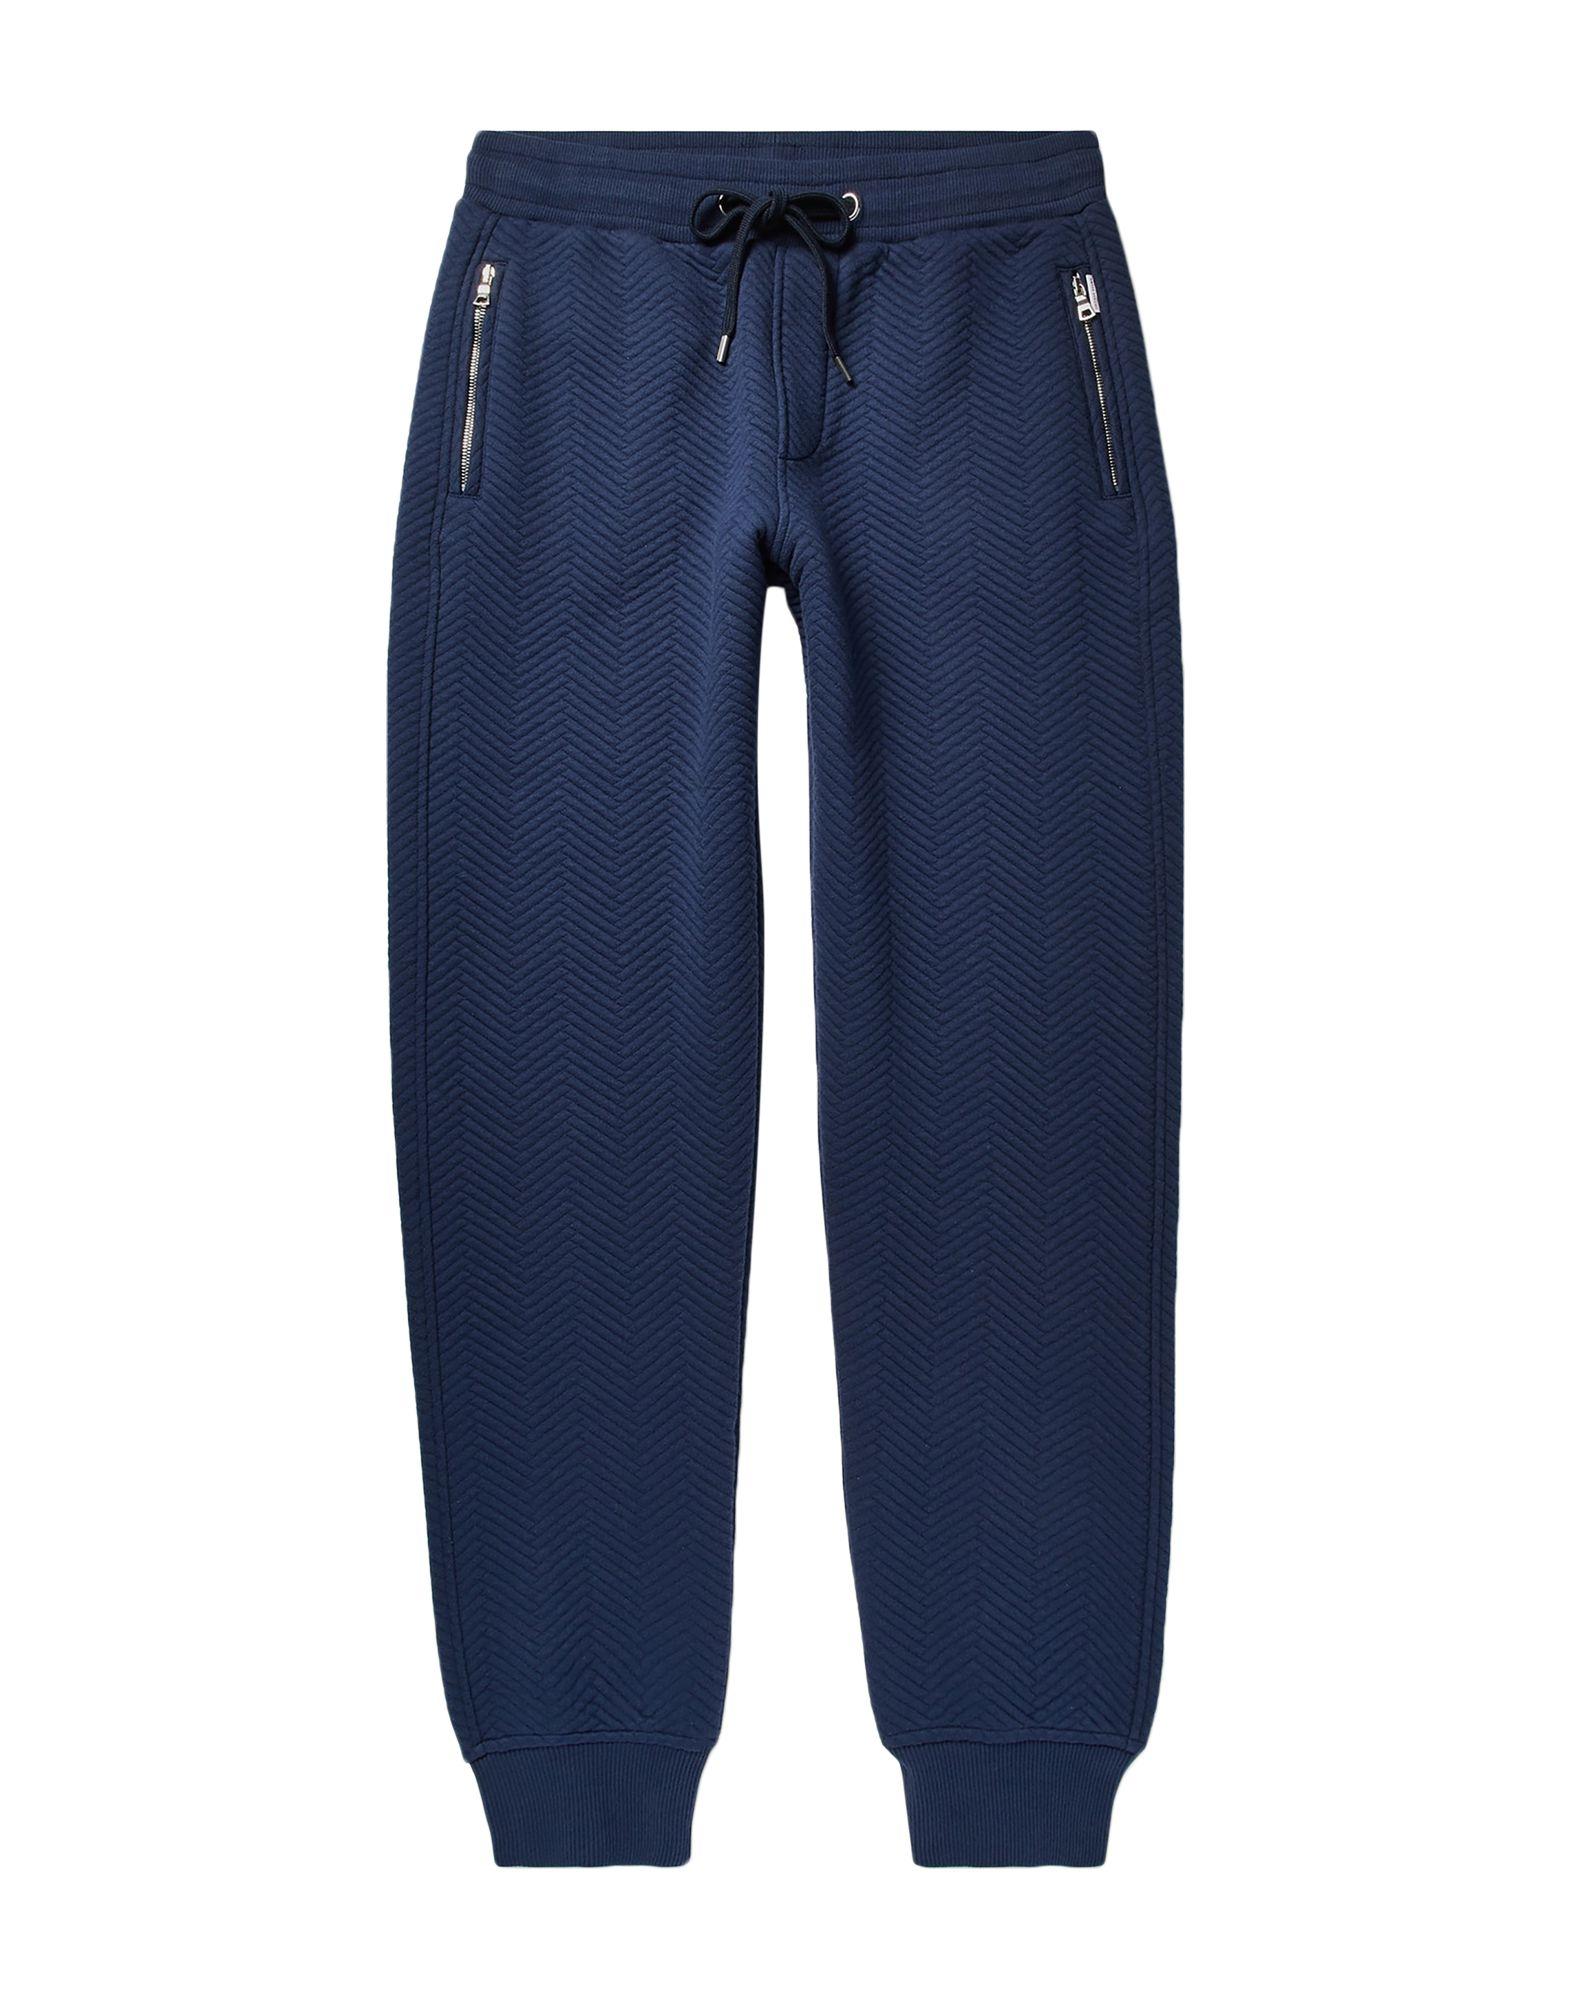 《セール開催中》ORLEBAR BROWN メンズ パンツ ダークブルー M コットン 65% / ポリエステル 35% / ポリウレタン